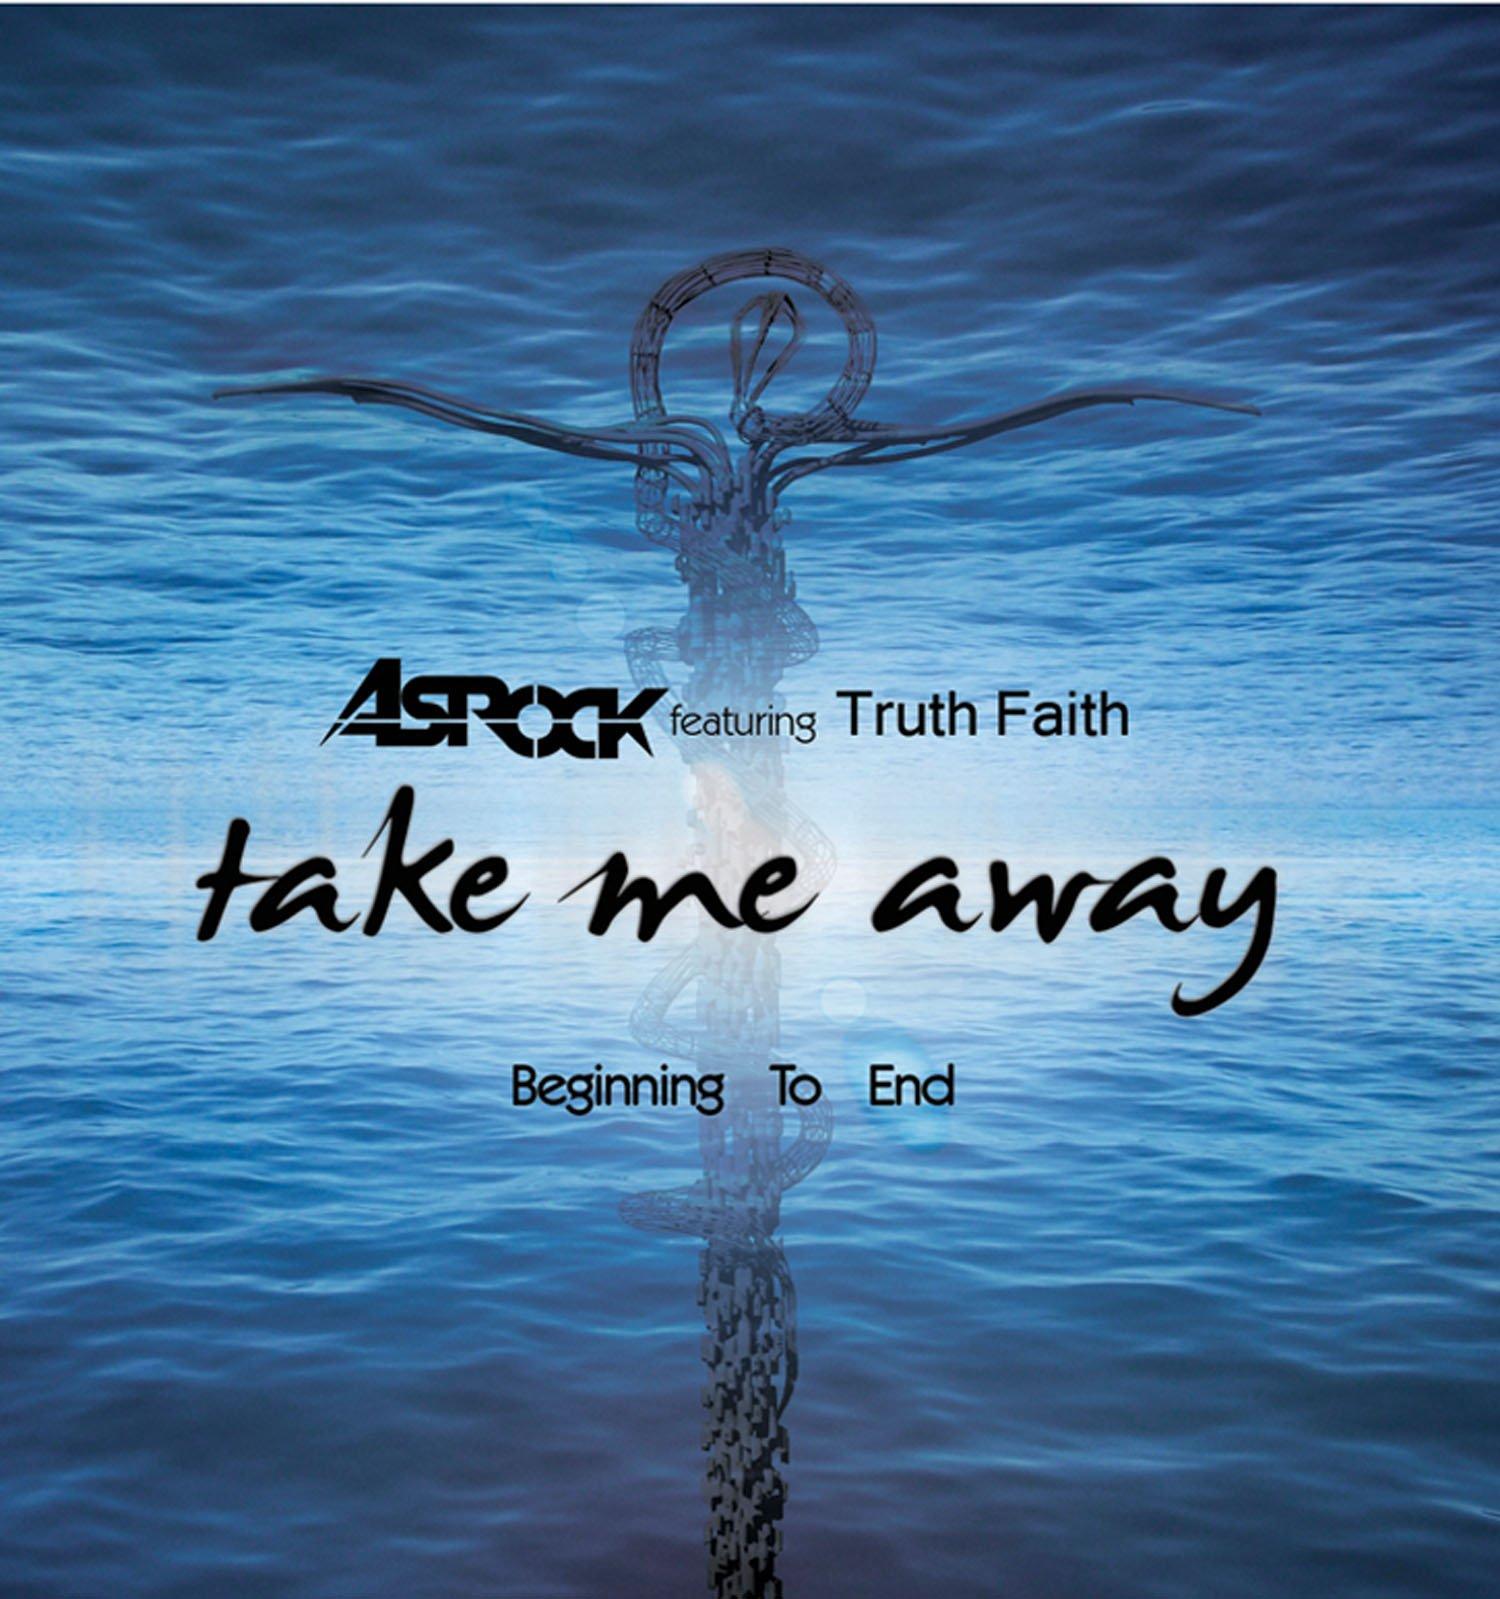 CD : Asrock - Take Me Away/ Beginning To End (CD)